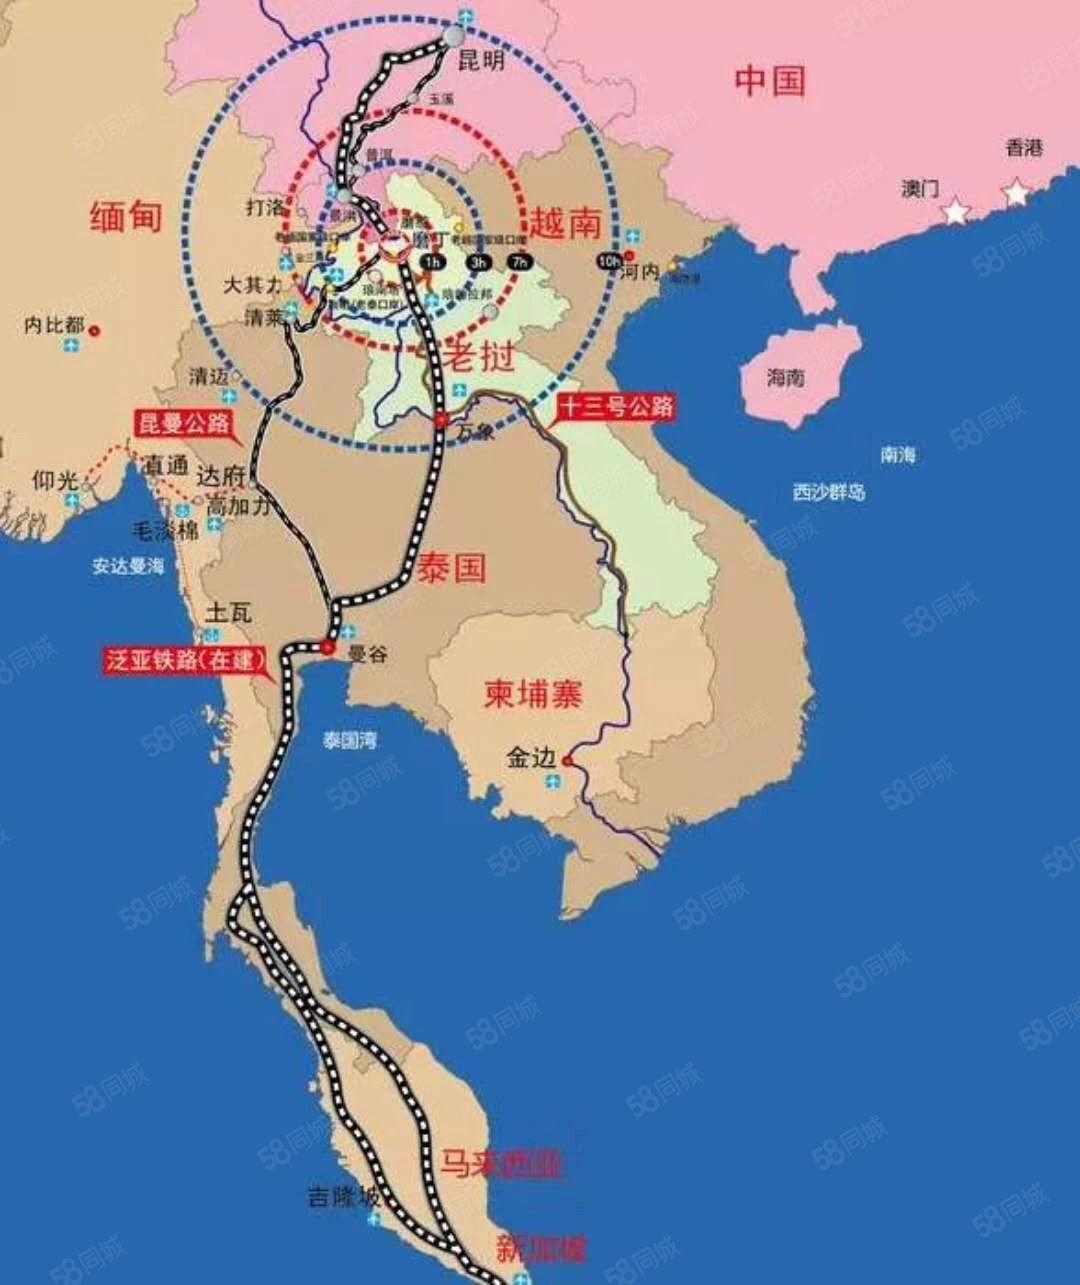 中国老挝磨丁高铁首站首付8万不限购精装经贸特区免税关口